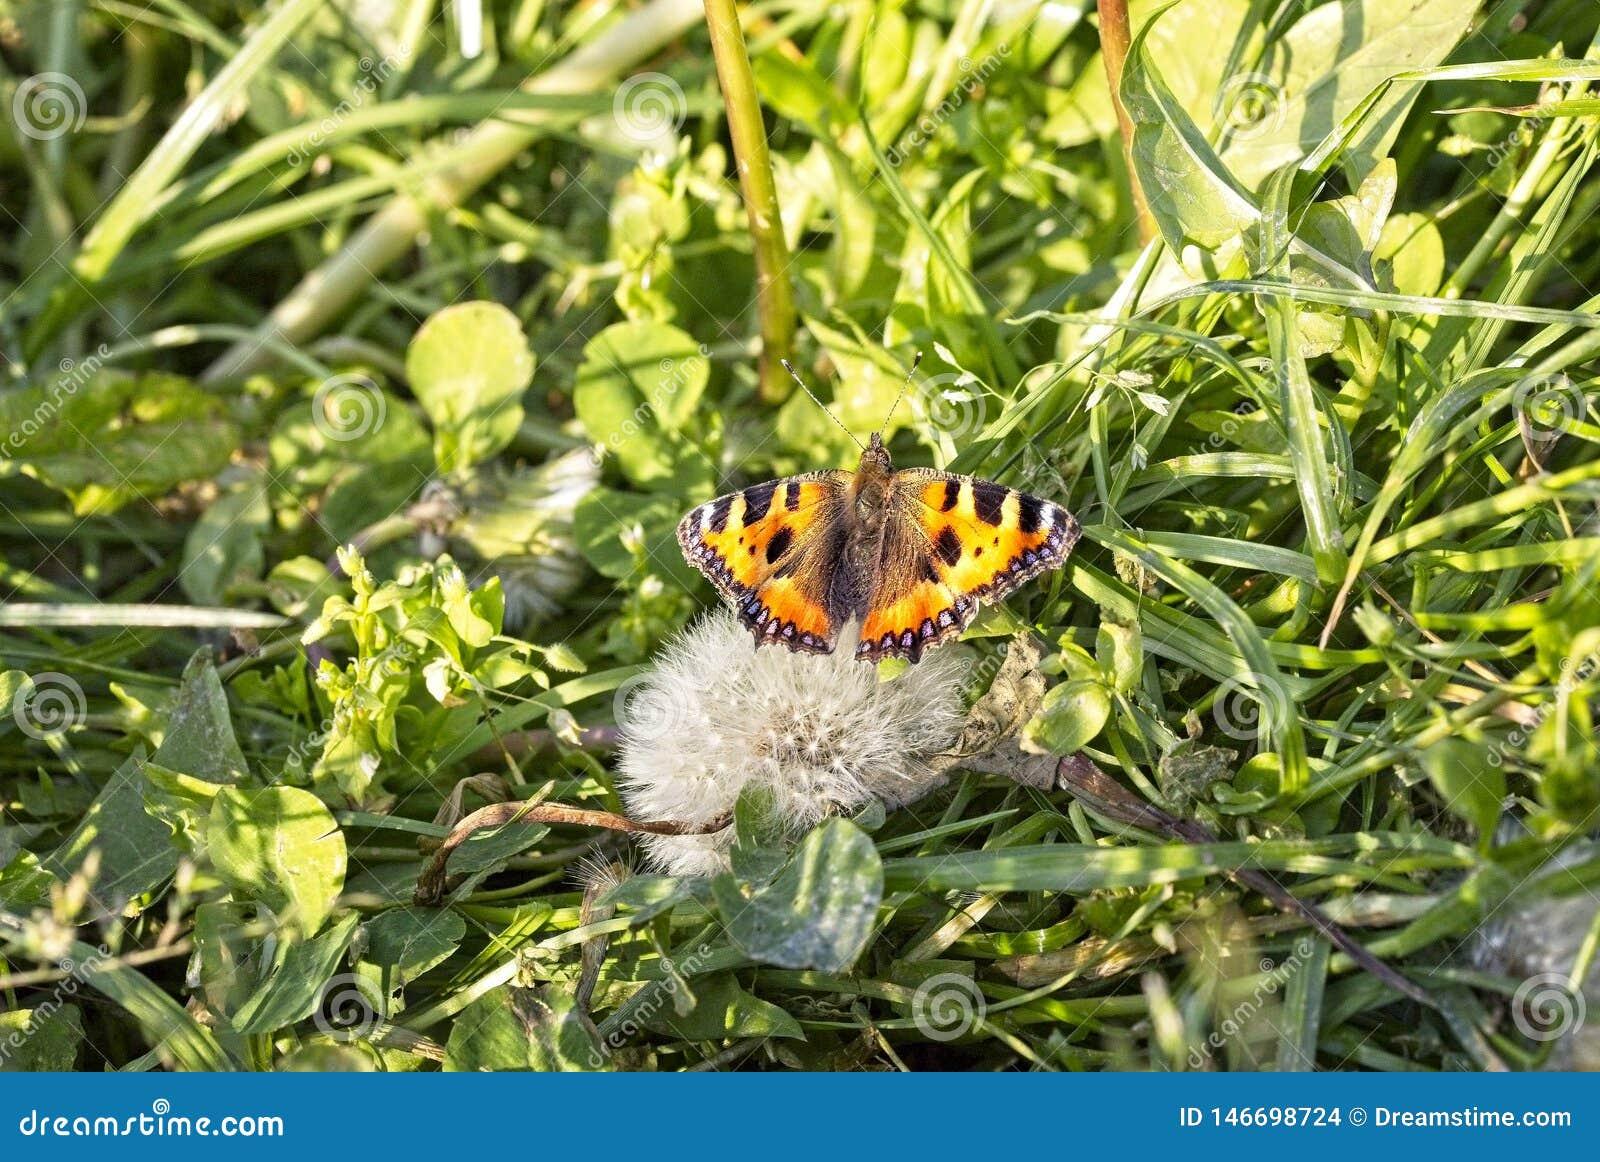 Orange butterfly on a blooming dandelion